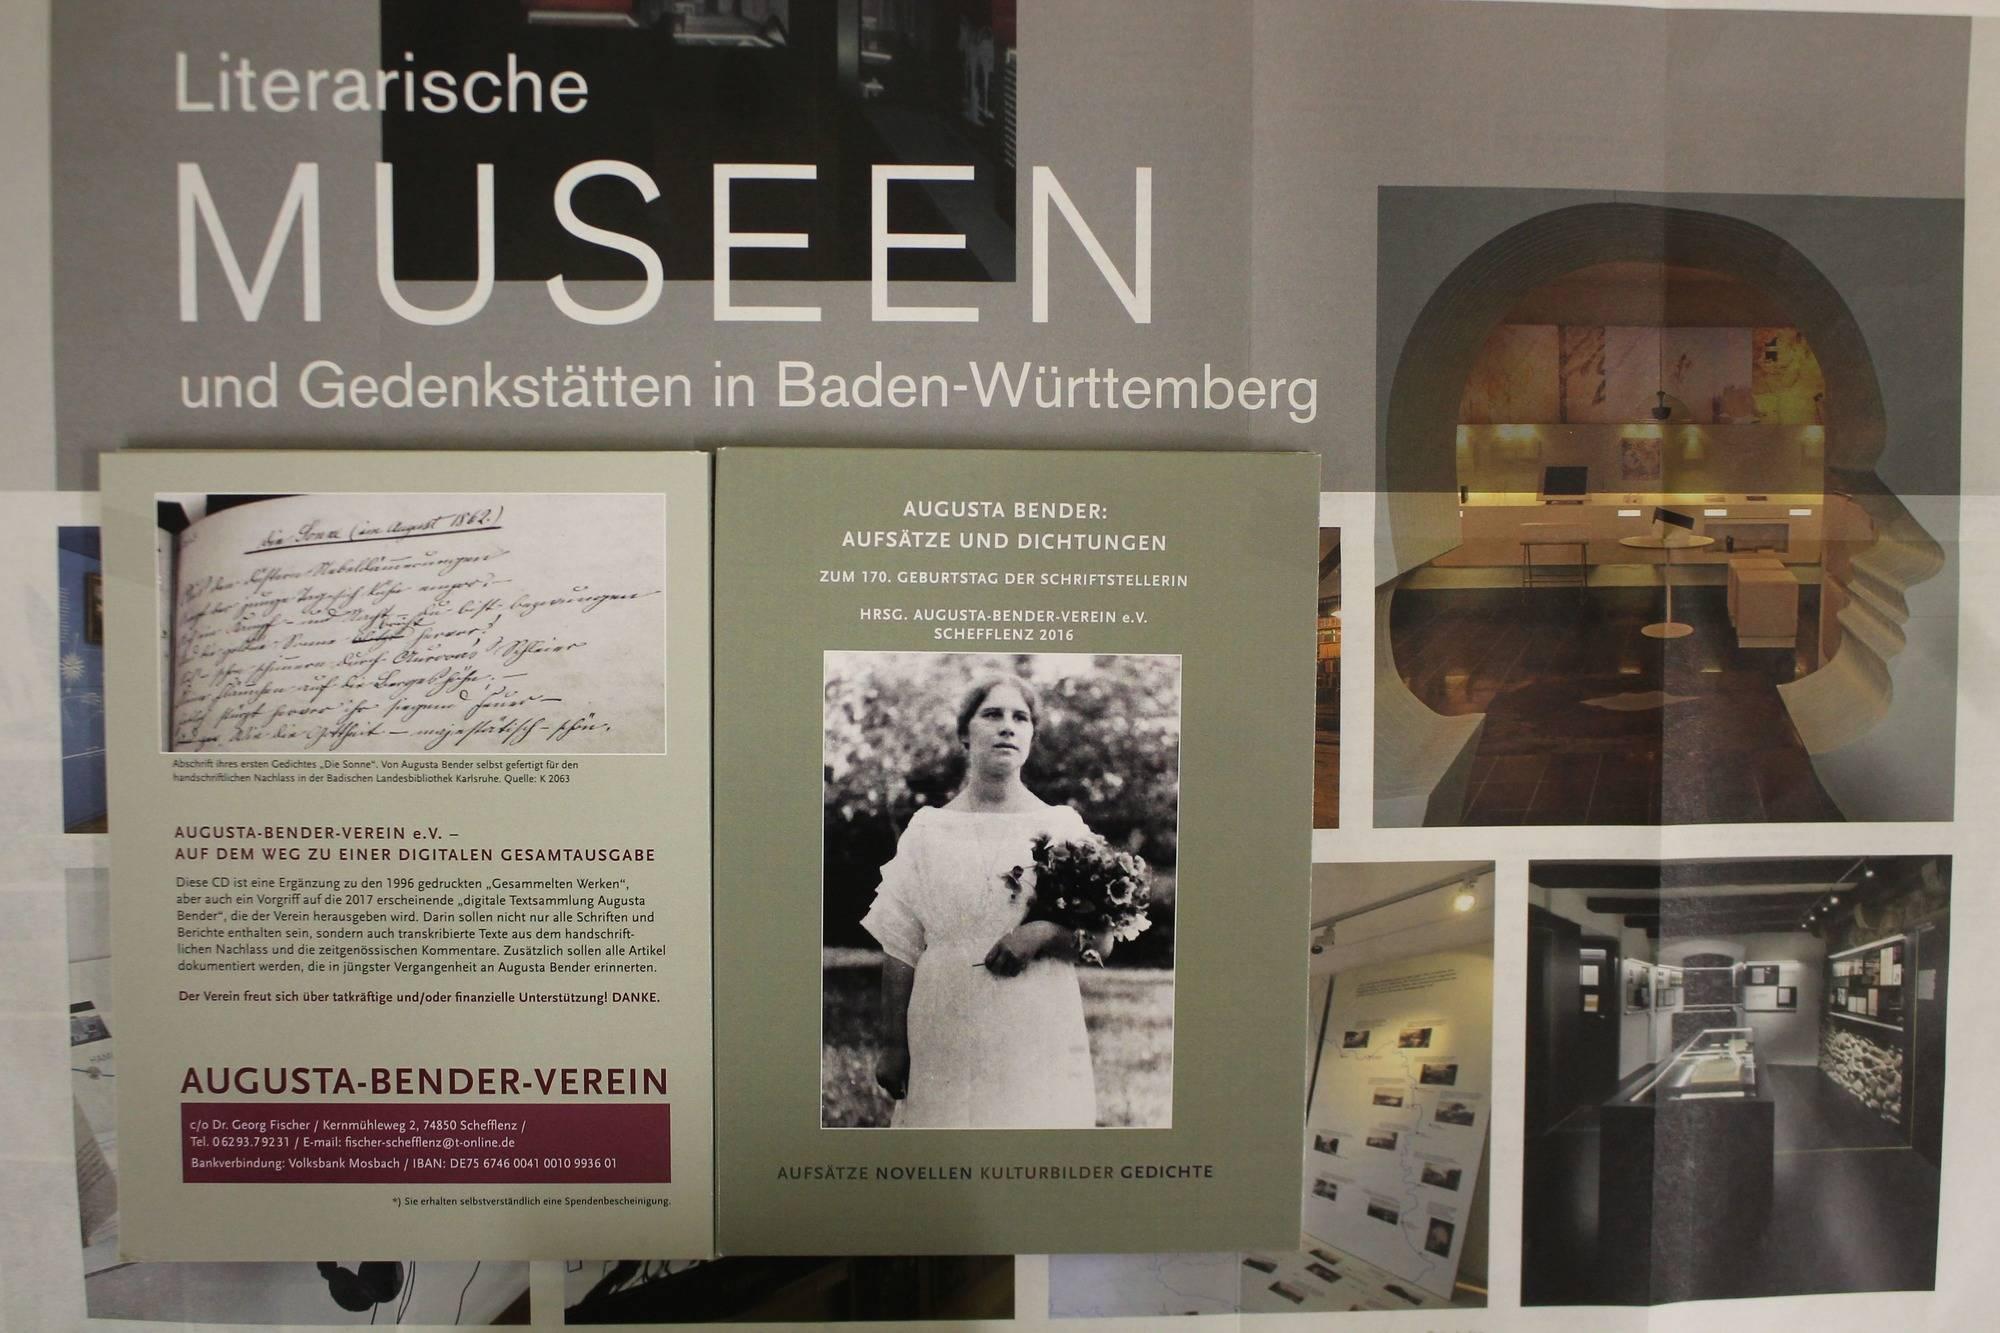 ein literatur museum augusta bender soll in oberschefflenz realitt werden um dieses ziel zu erreichen grndete sich ein gleichnamiger verein - Michl Muller Lebenslauf